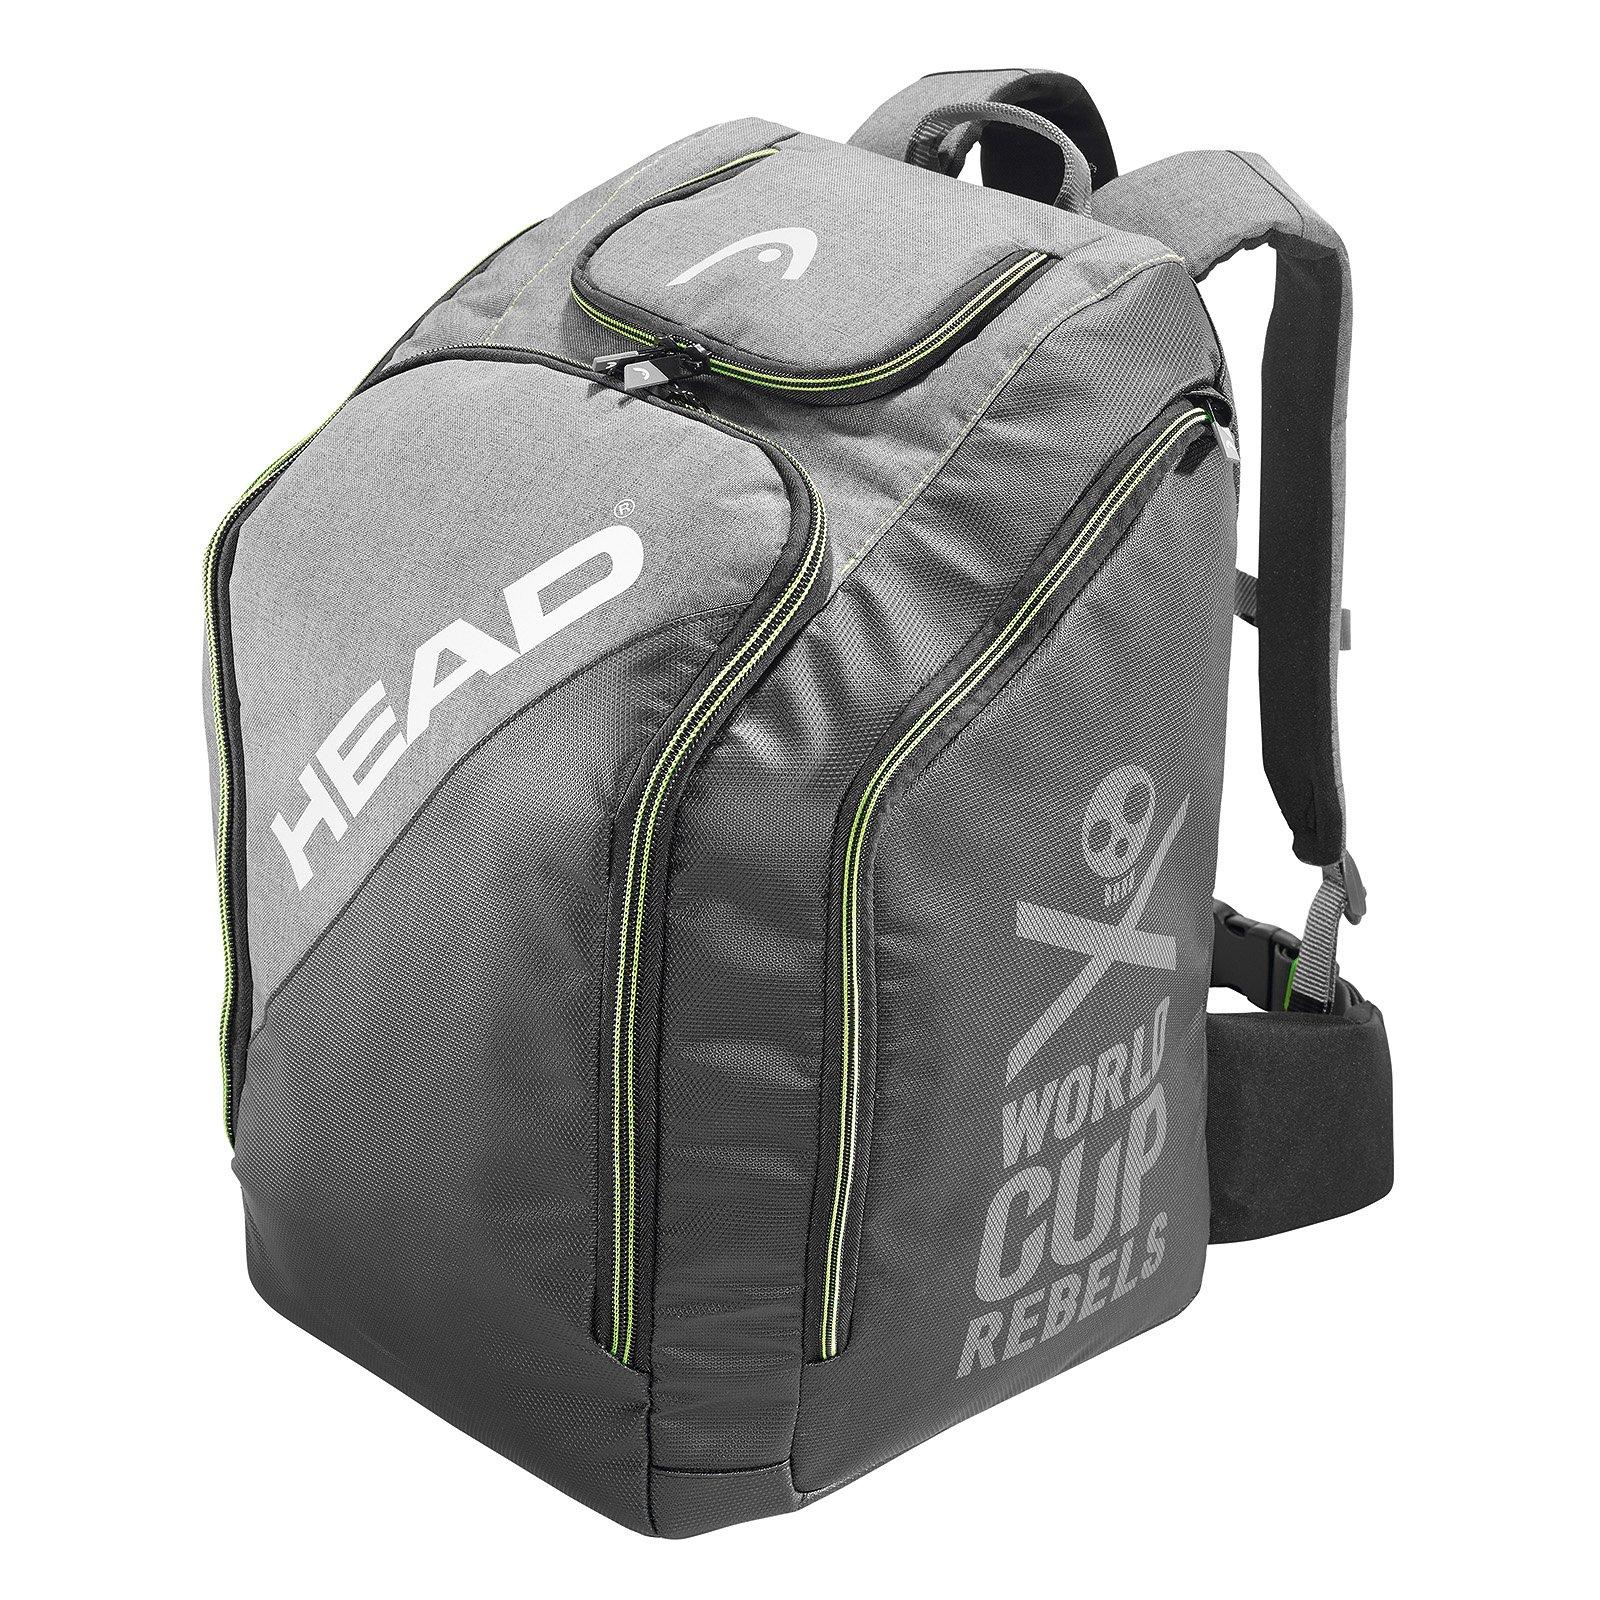 Head Rebels Racing Backpack S by HEAD